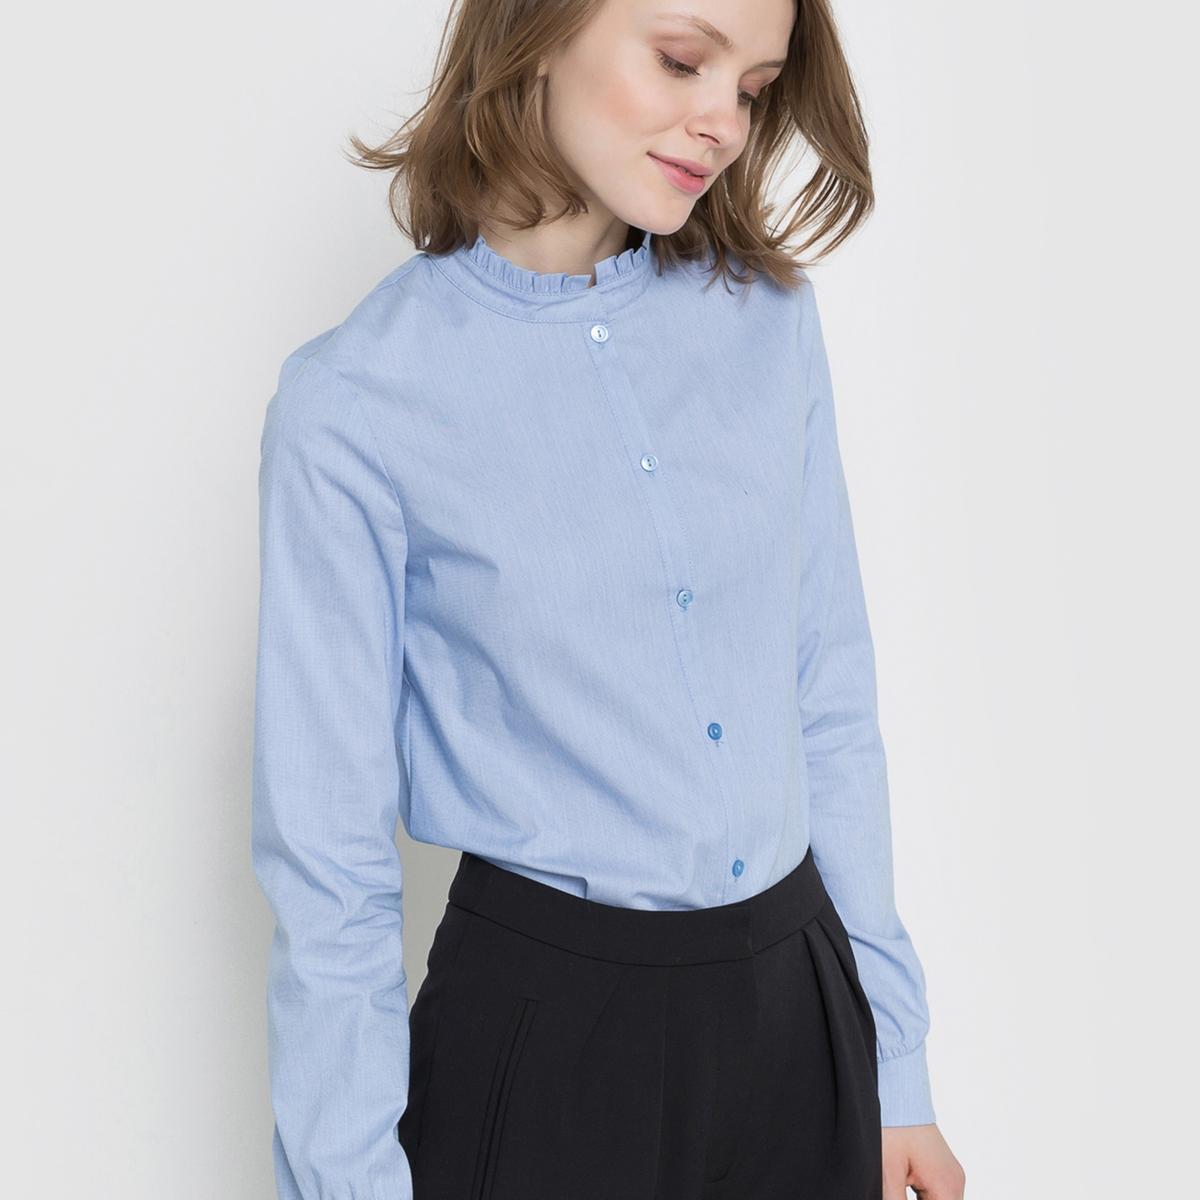 Рубашка с обшивкой воротаРубашка из удобной струящейся ткани. Обшивка ворота . Длинные рукава с застежкой на пуговицы. Тонкая планка застежки на пуговицы. вышивка в форме золотистого бантика вверху спинки .Состав и описание : Материал 69% хлопка, 28% полиамида, 3% эластана Длина 62 см Бренд: Mademoiselle RУход :Машинная стирка при 30° на деликатном режиме с одеждой подобного цвета .Стирать и гладить с изнанки.Машинная сушка запрещена.Гладить на низкой температуре.<br><br>Цвет: небесно-голубой<br>Размер: 44 (FR) - 50 (RUS)